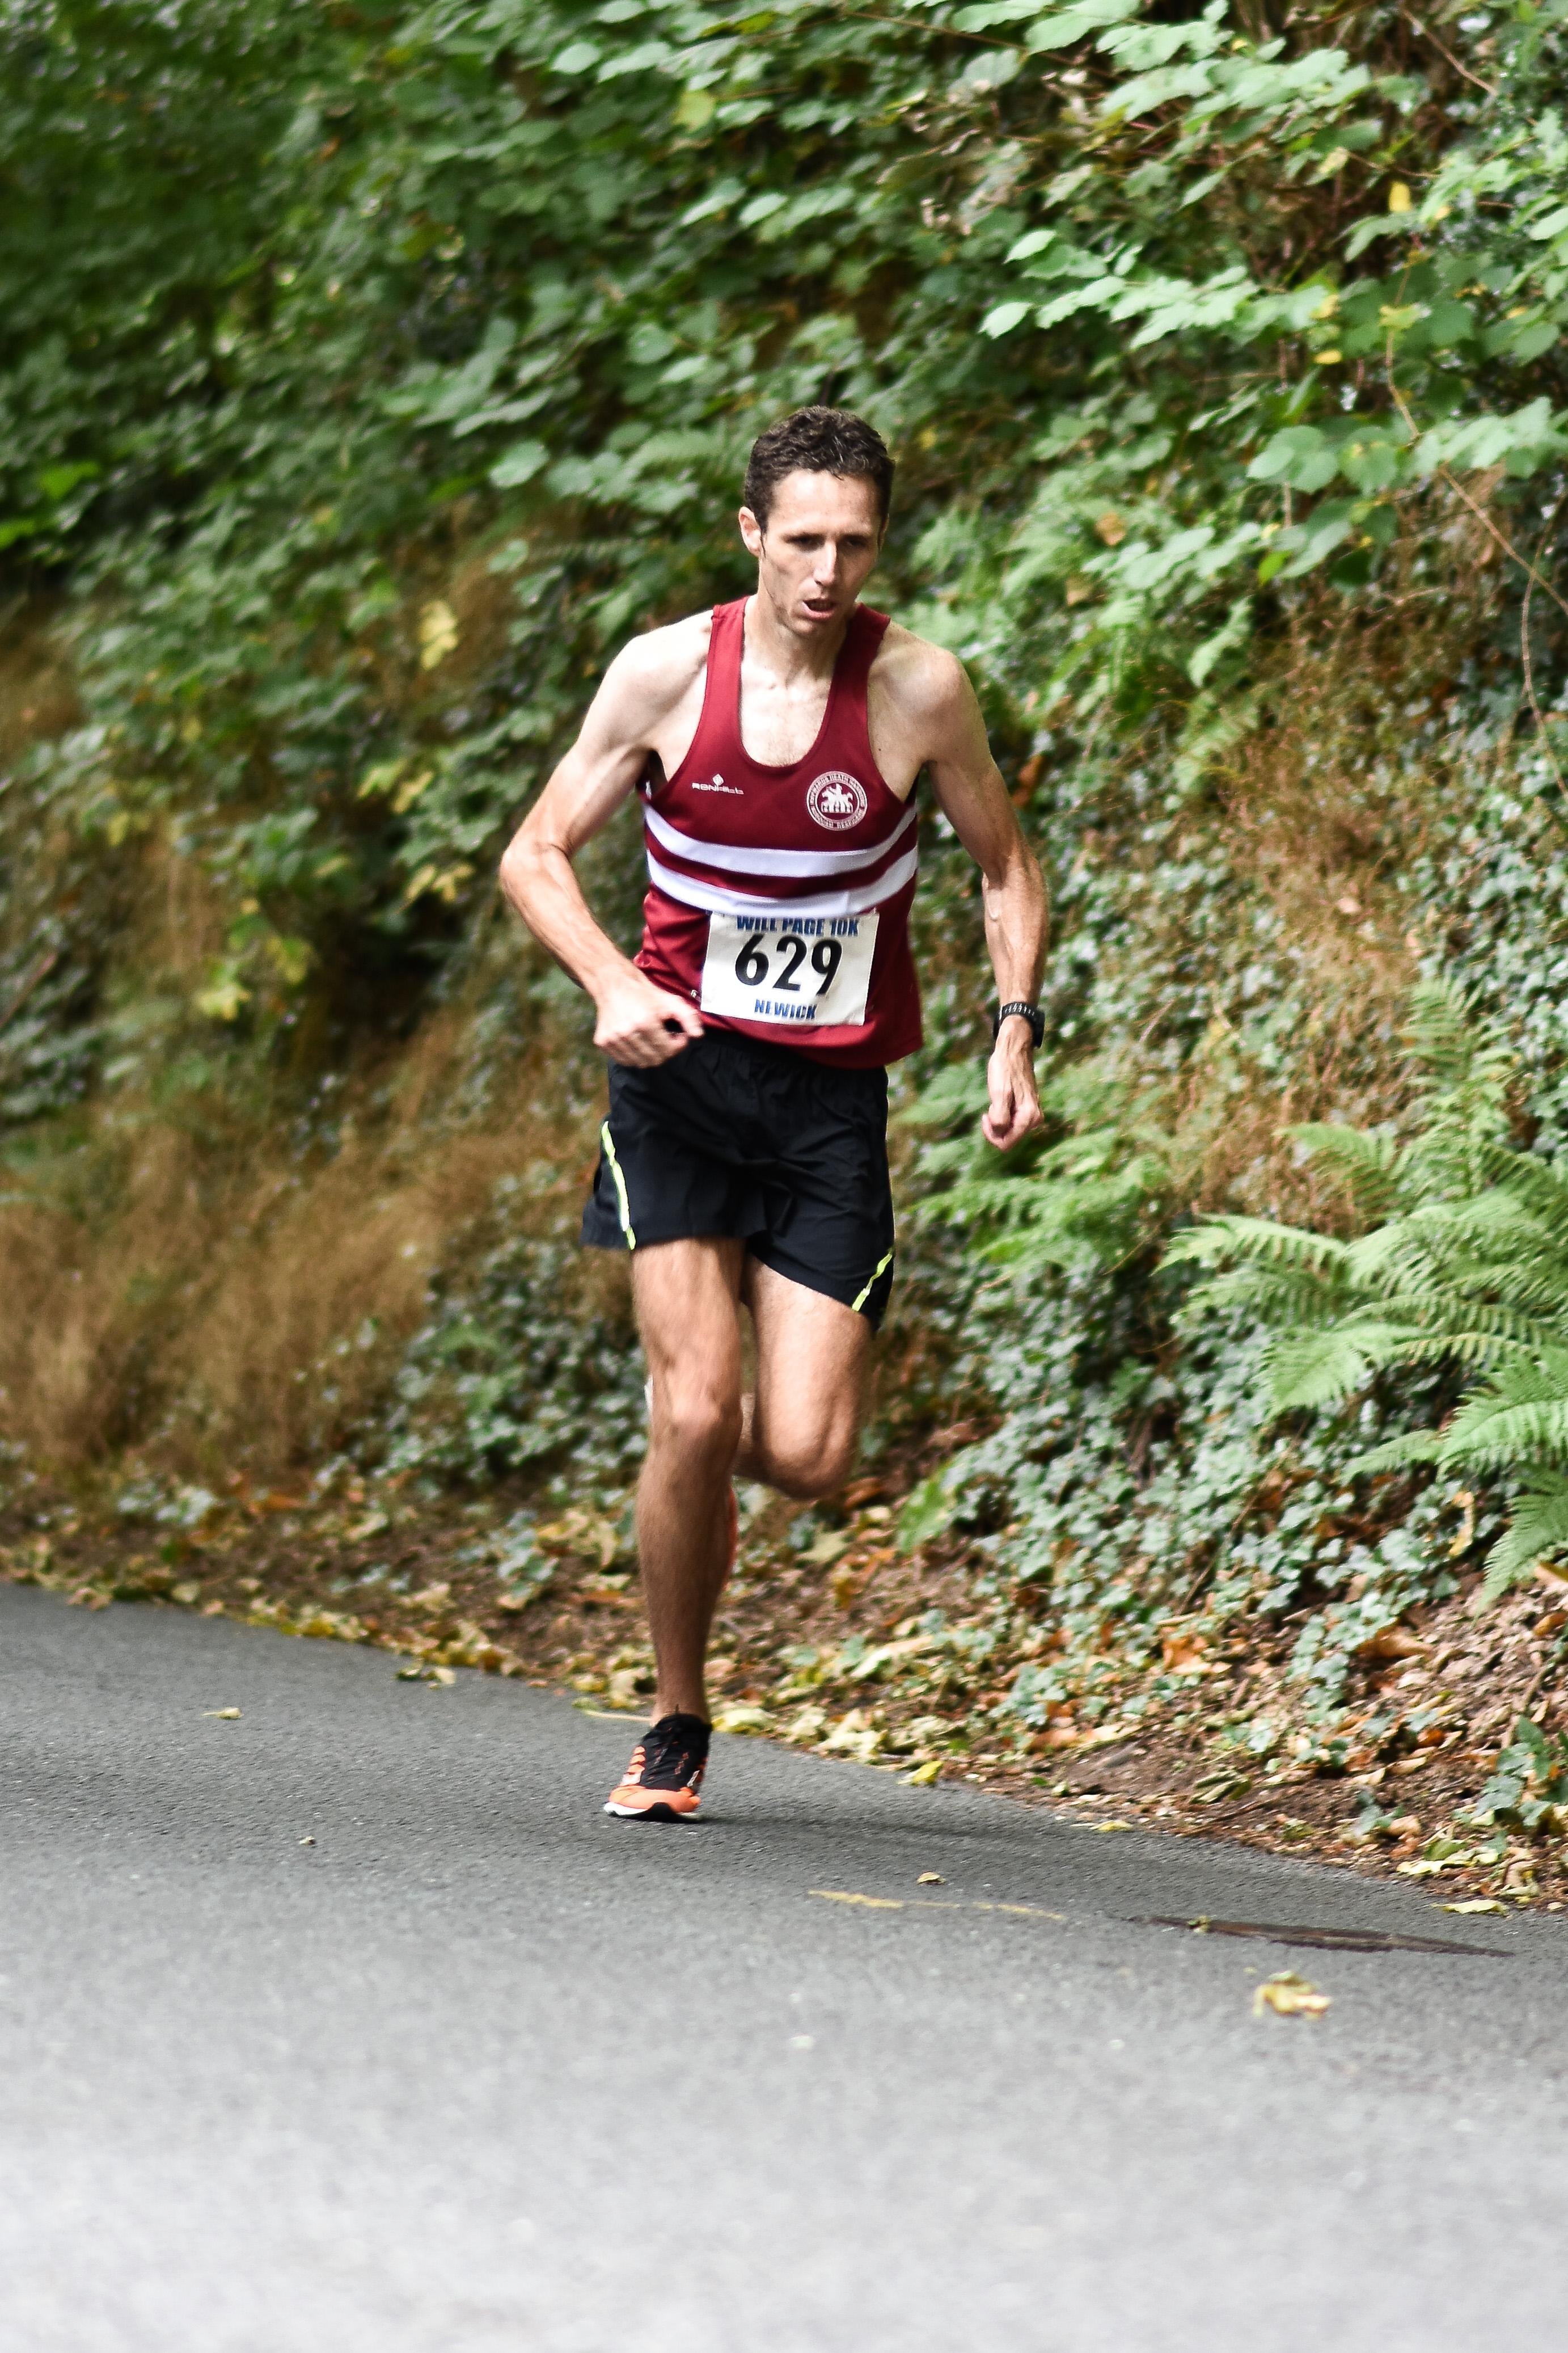 Runner - 629 (2)